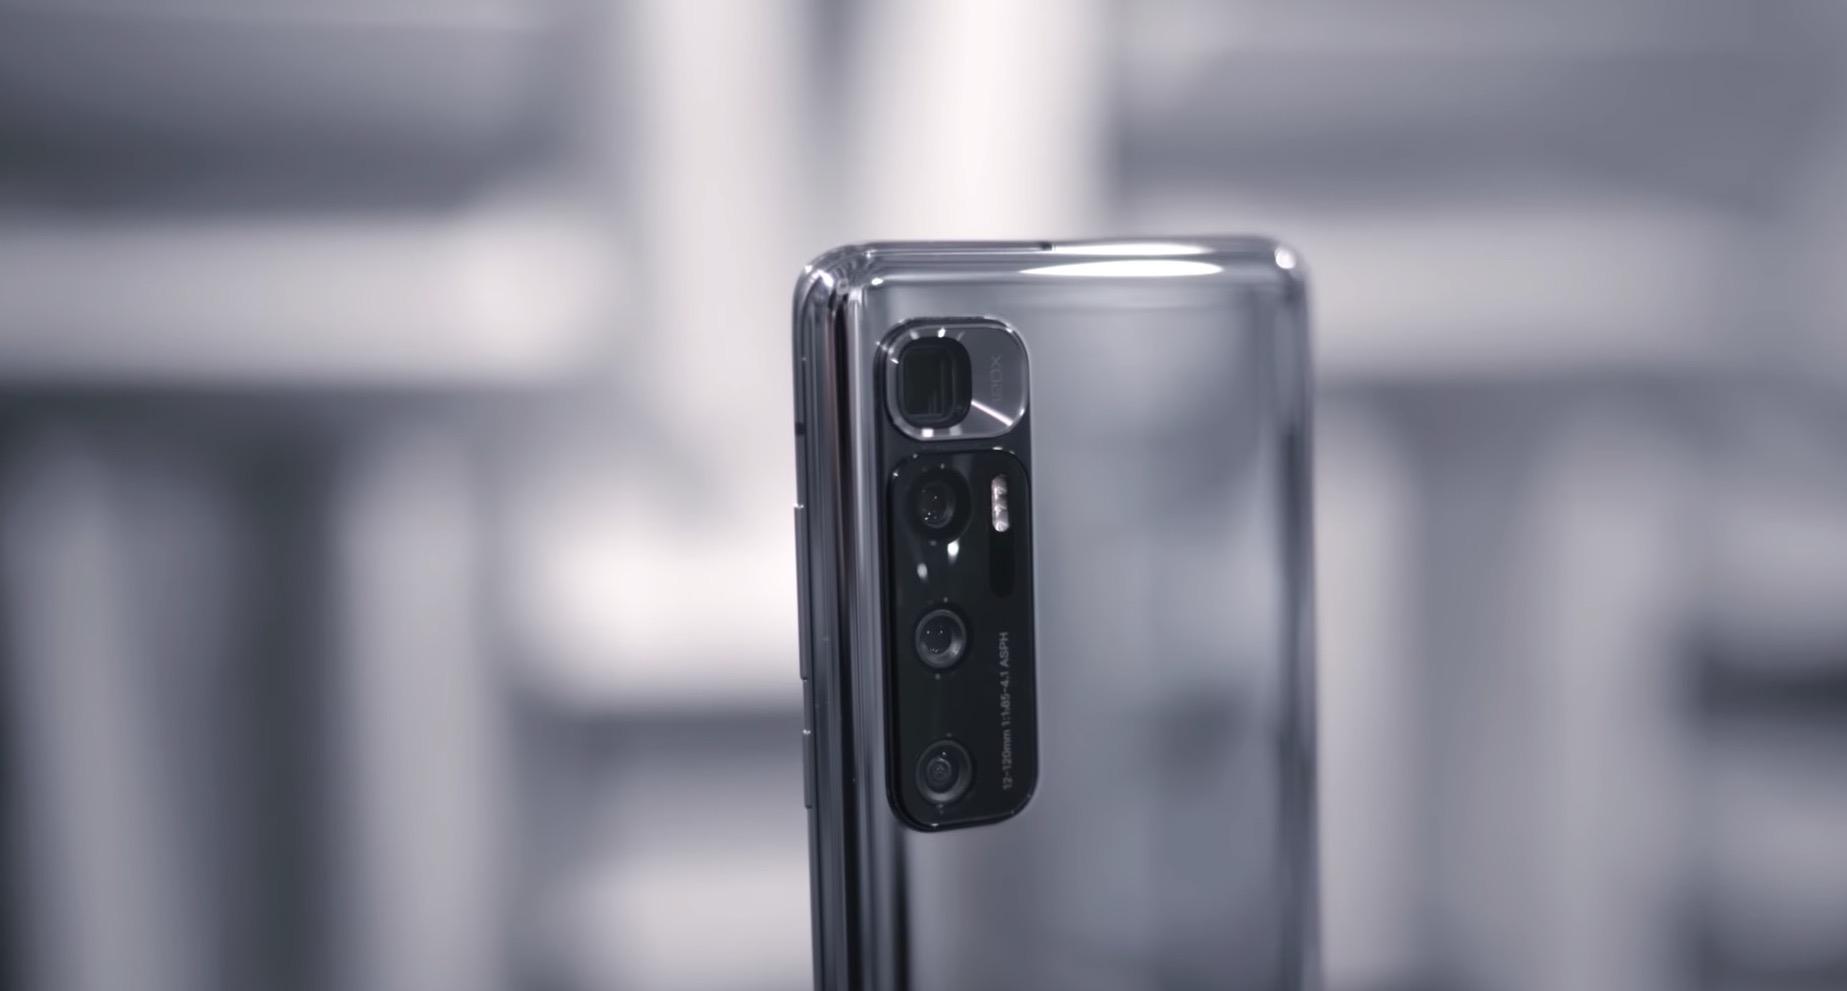 Toàn cảnh Mi 10 Ultra CHÍNH THỨC - Siêu Khủng với Zoom 120X, Chip Đỉnh nhưng giá rất Xiaomi